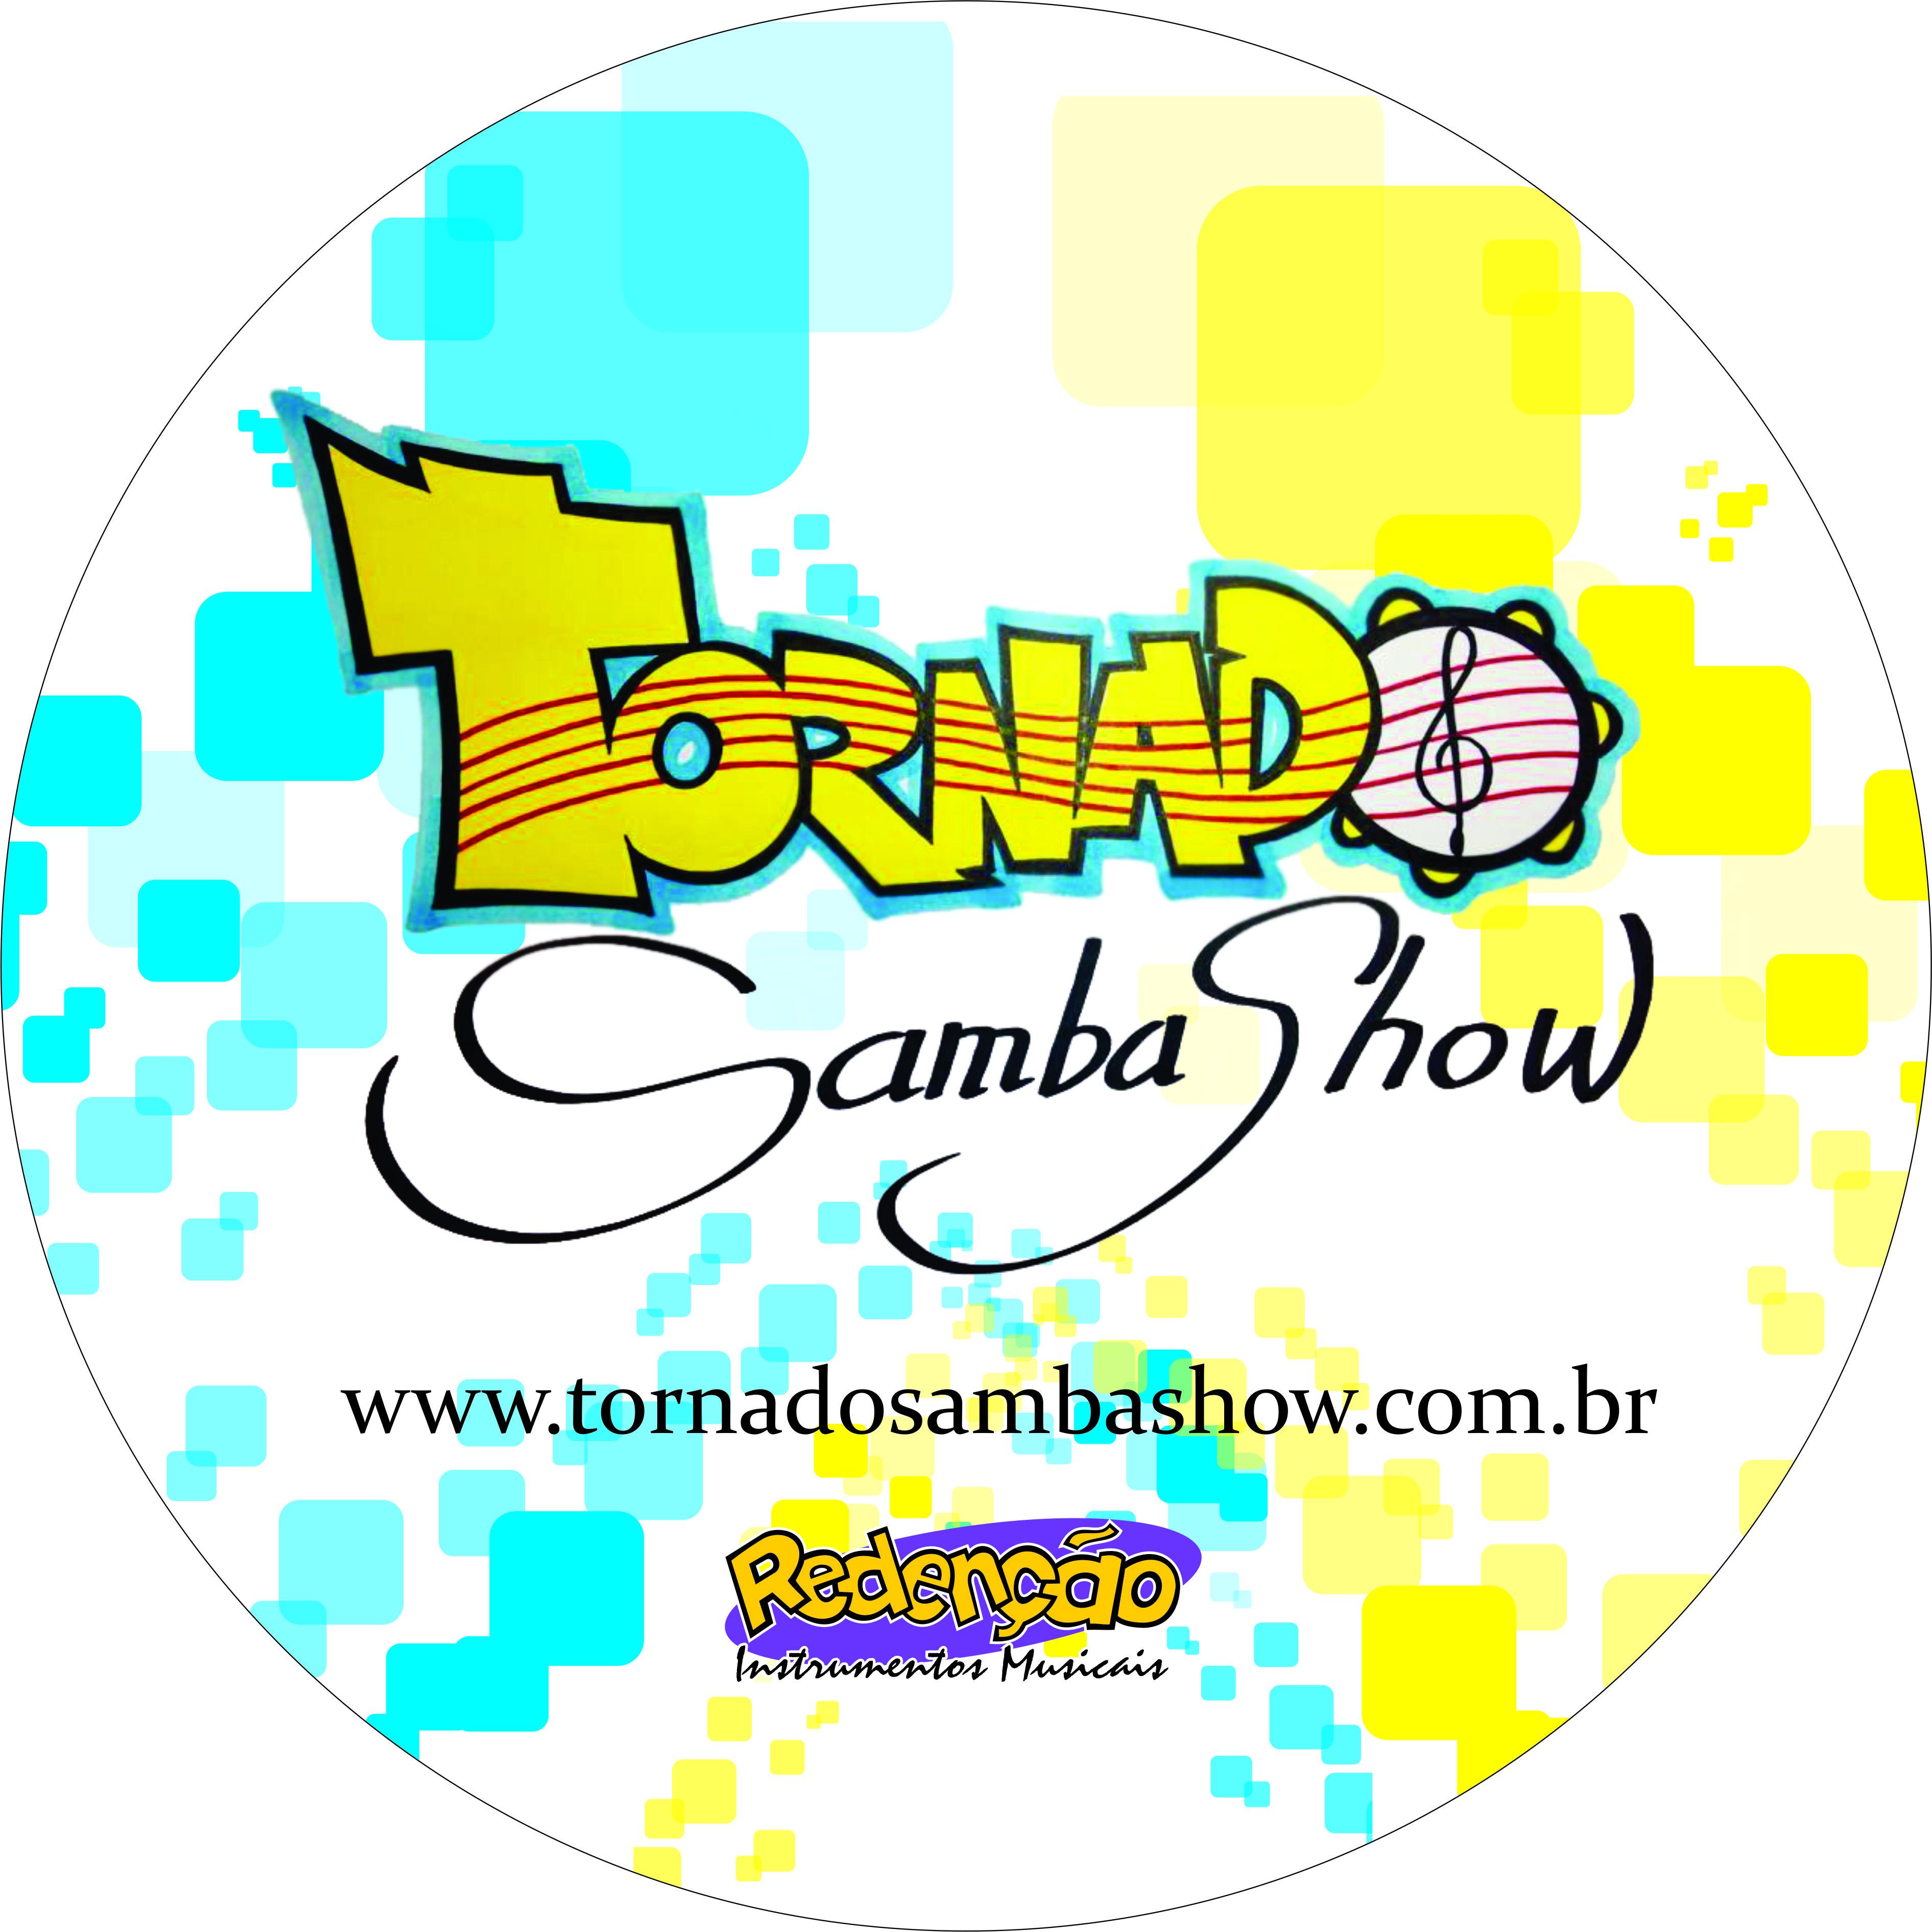 Tornado Samba Show